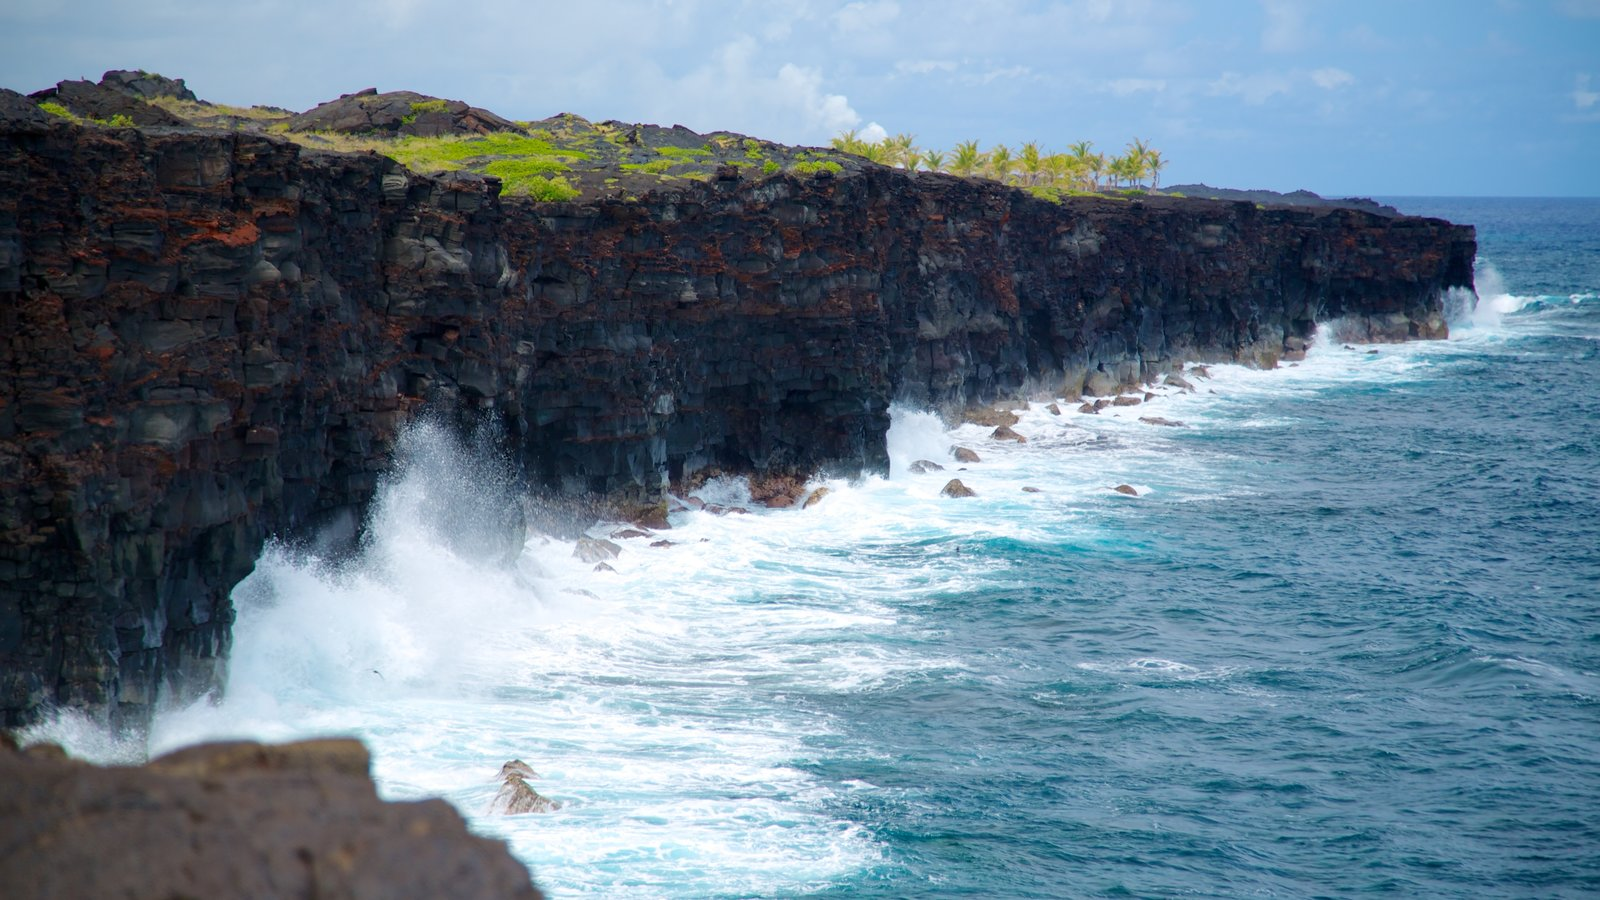 Hawaii Volcanoes National Park que inclui paisagem, cenas tropicais e litoral acidentado